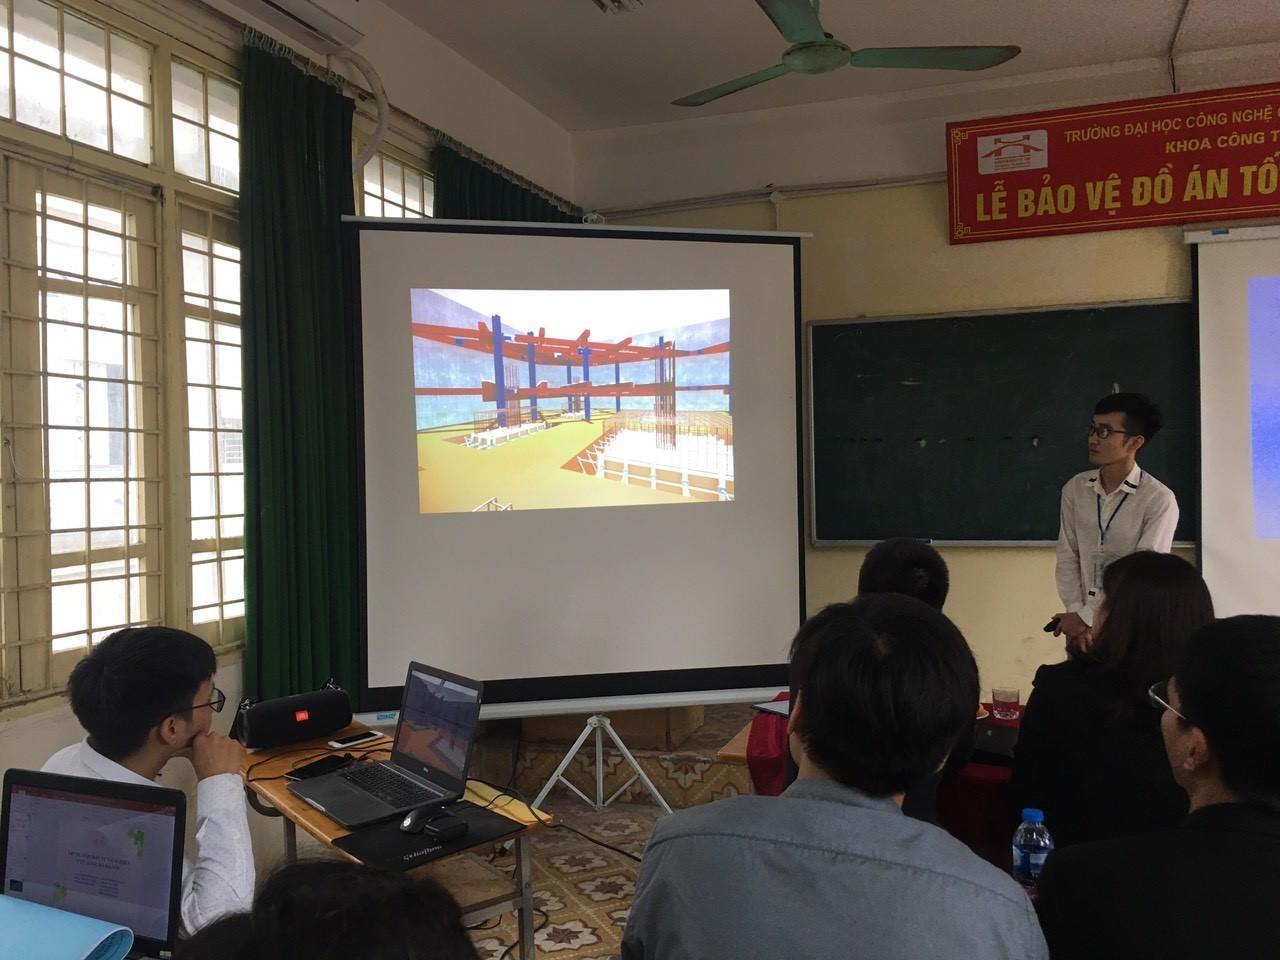 Sinh viên Khoa Công trình Ứng dụng công nghệ BIM trong đồ án tốt nghiệp